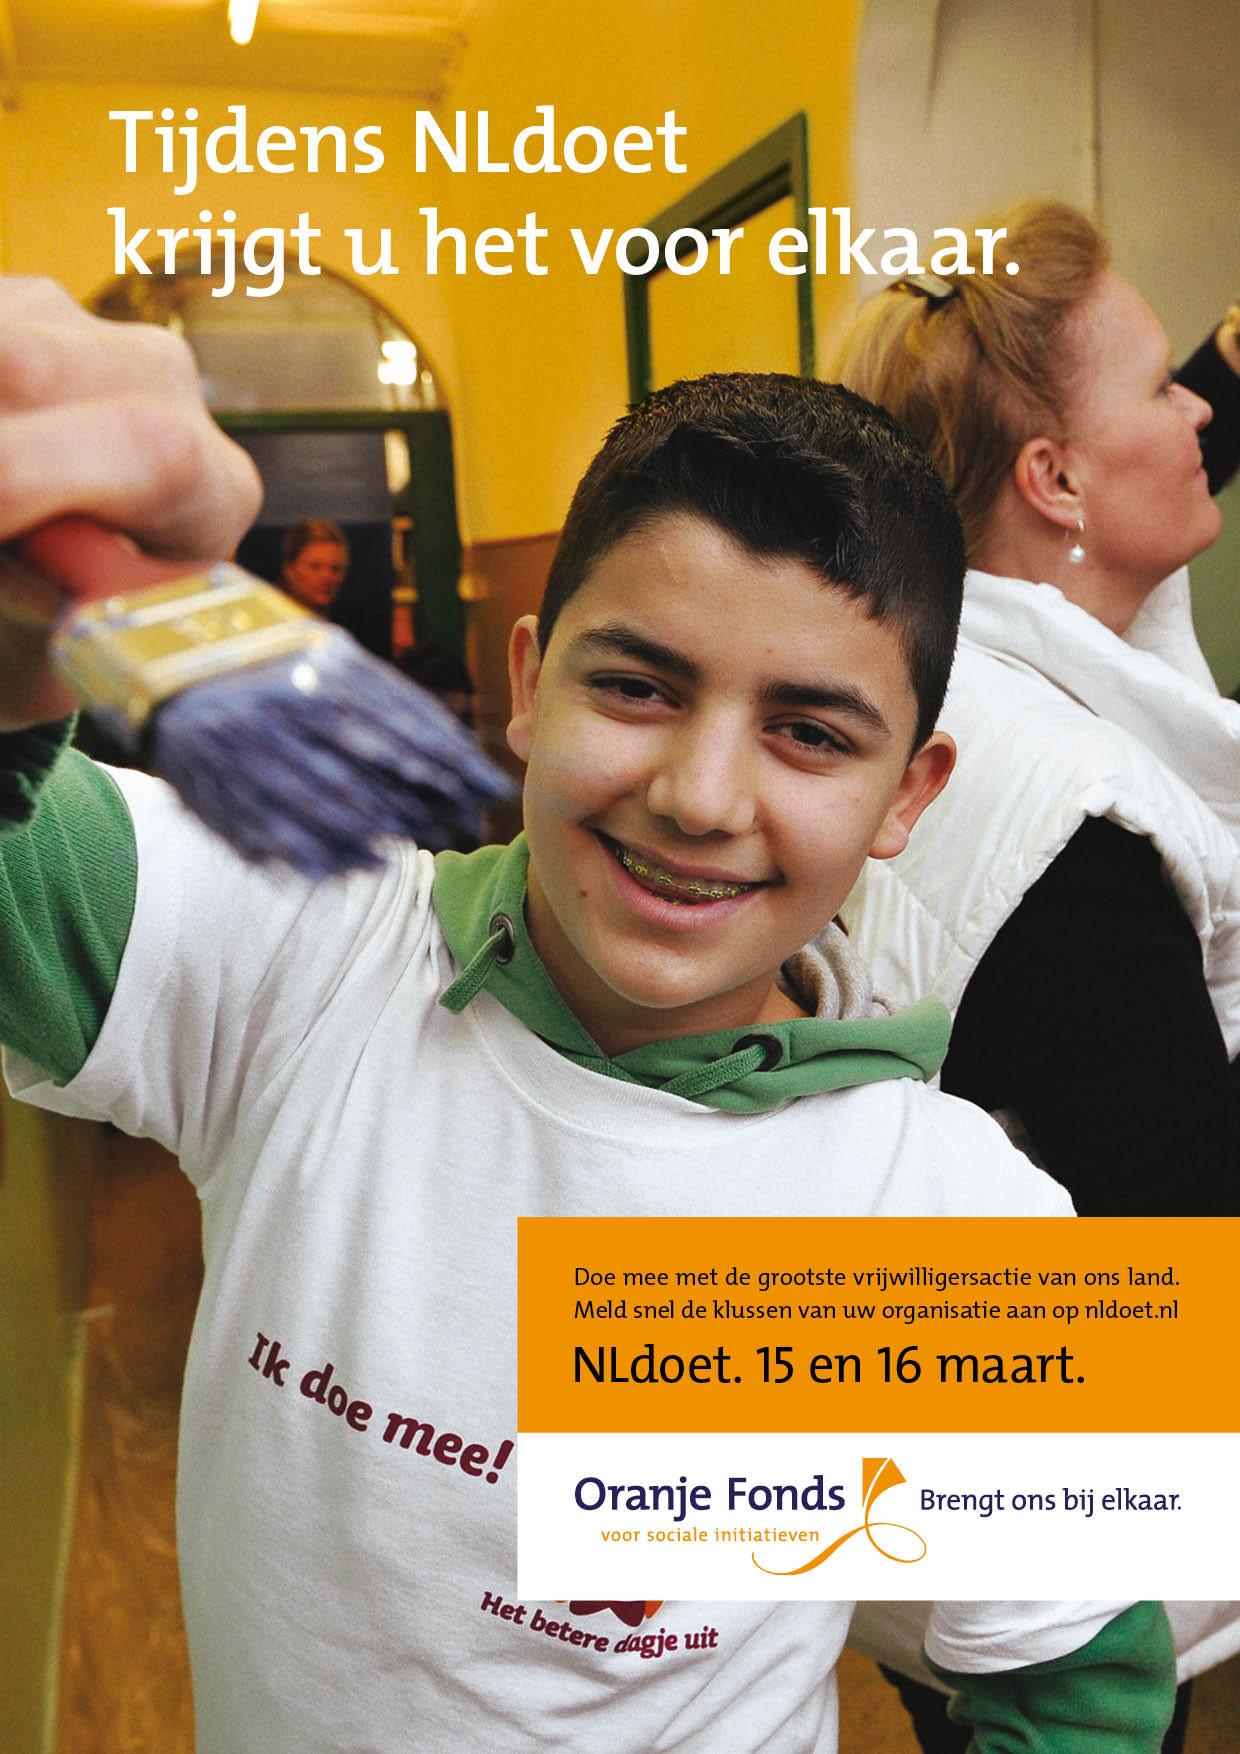 NL DOET advertentie   © Romijn Design